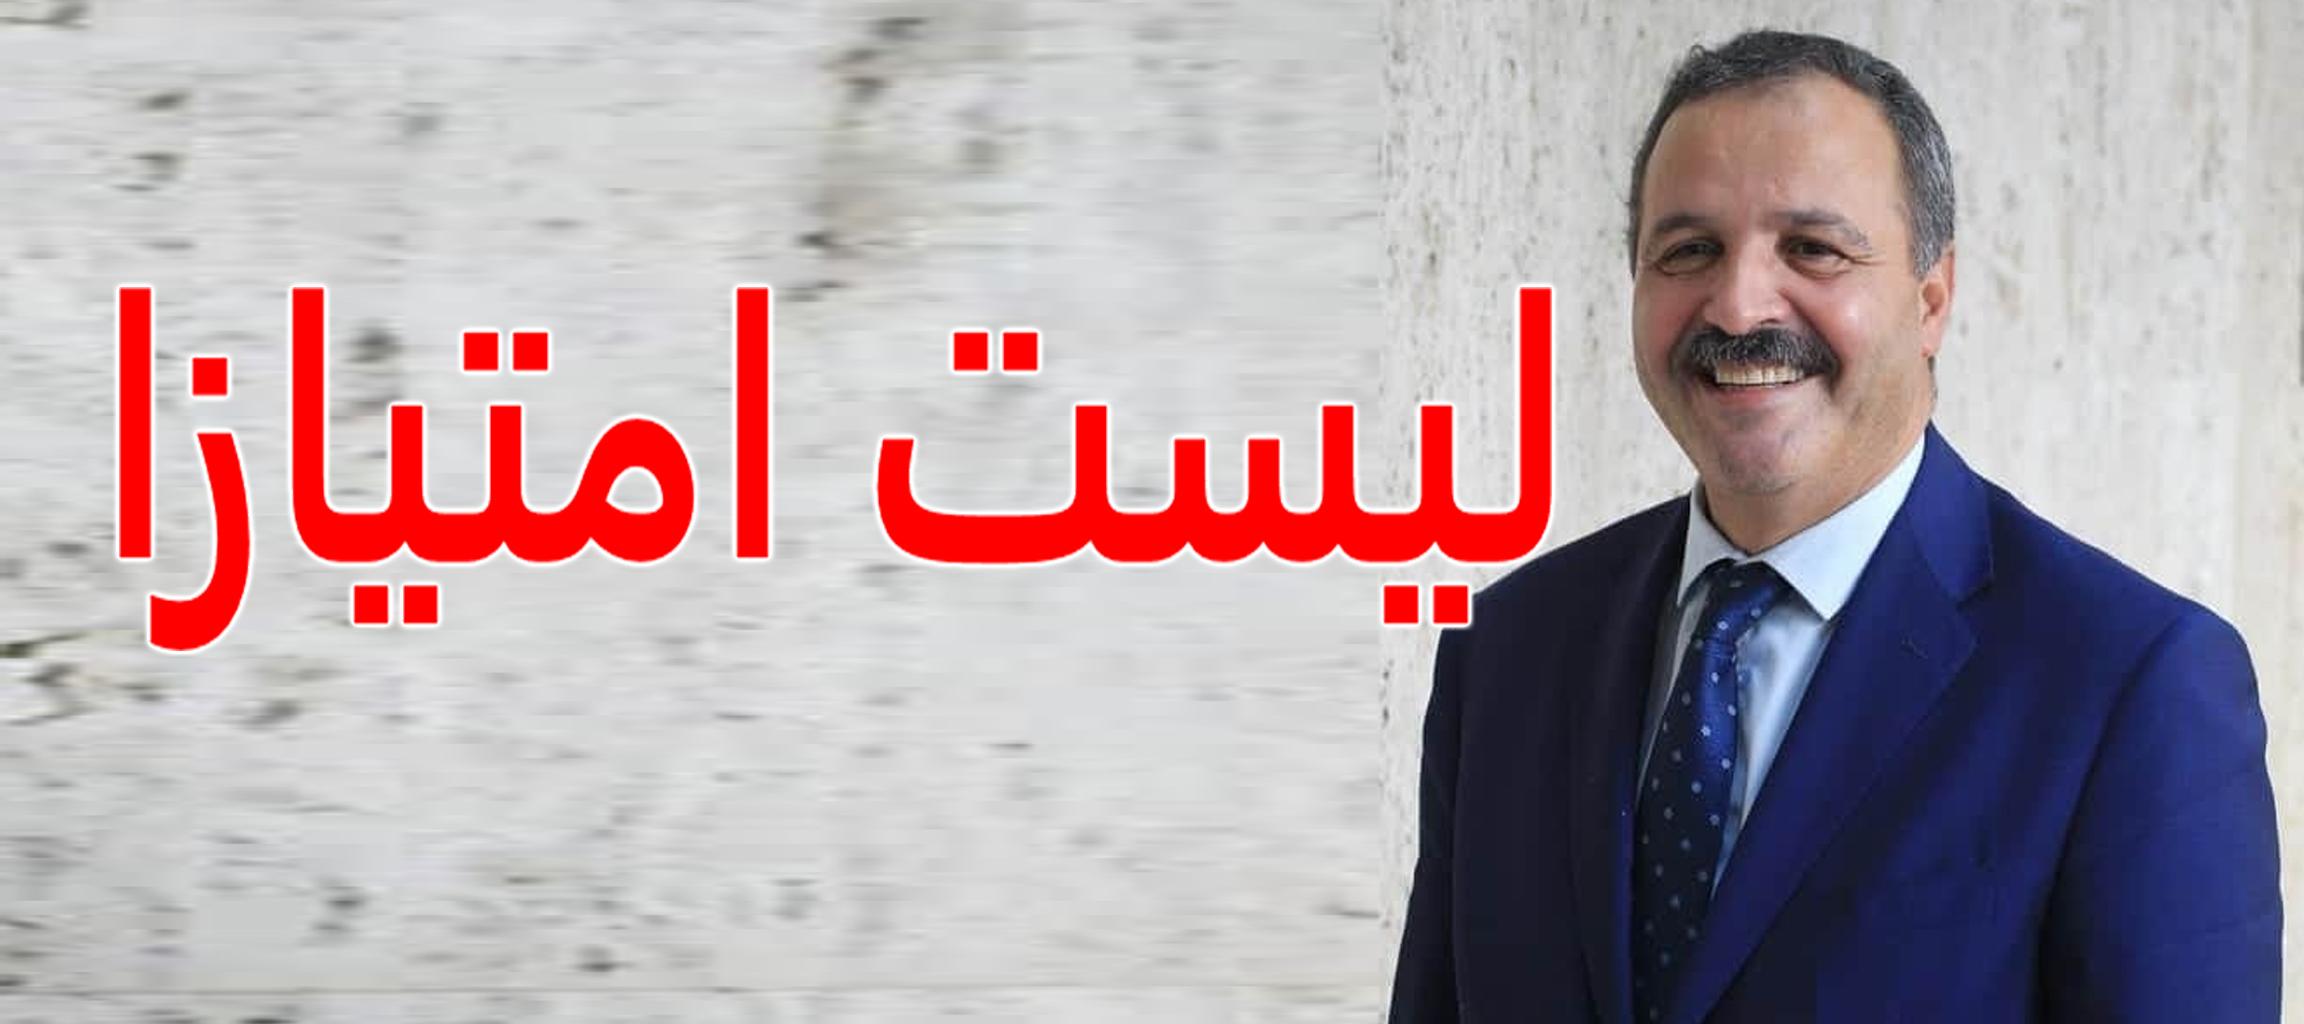 عبد اللطيف المكي يوضح حقيقة المستشفيات العسكرية